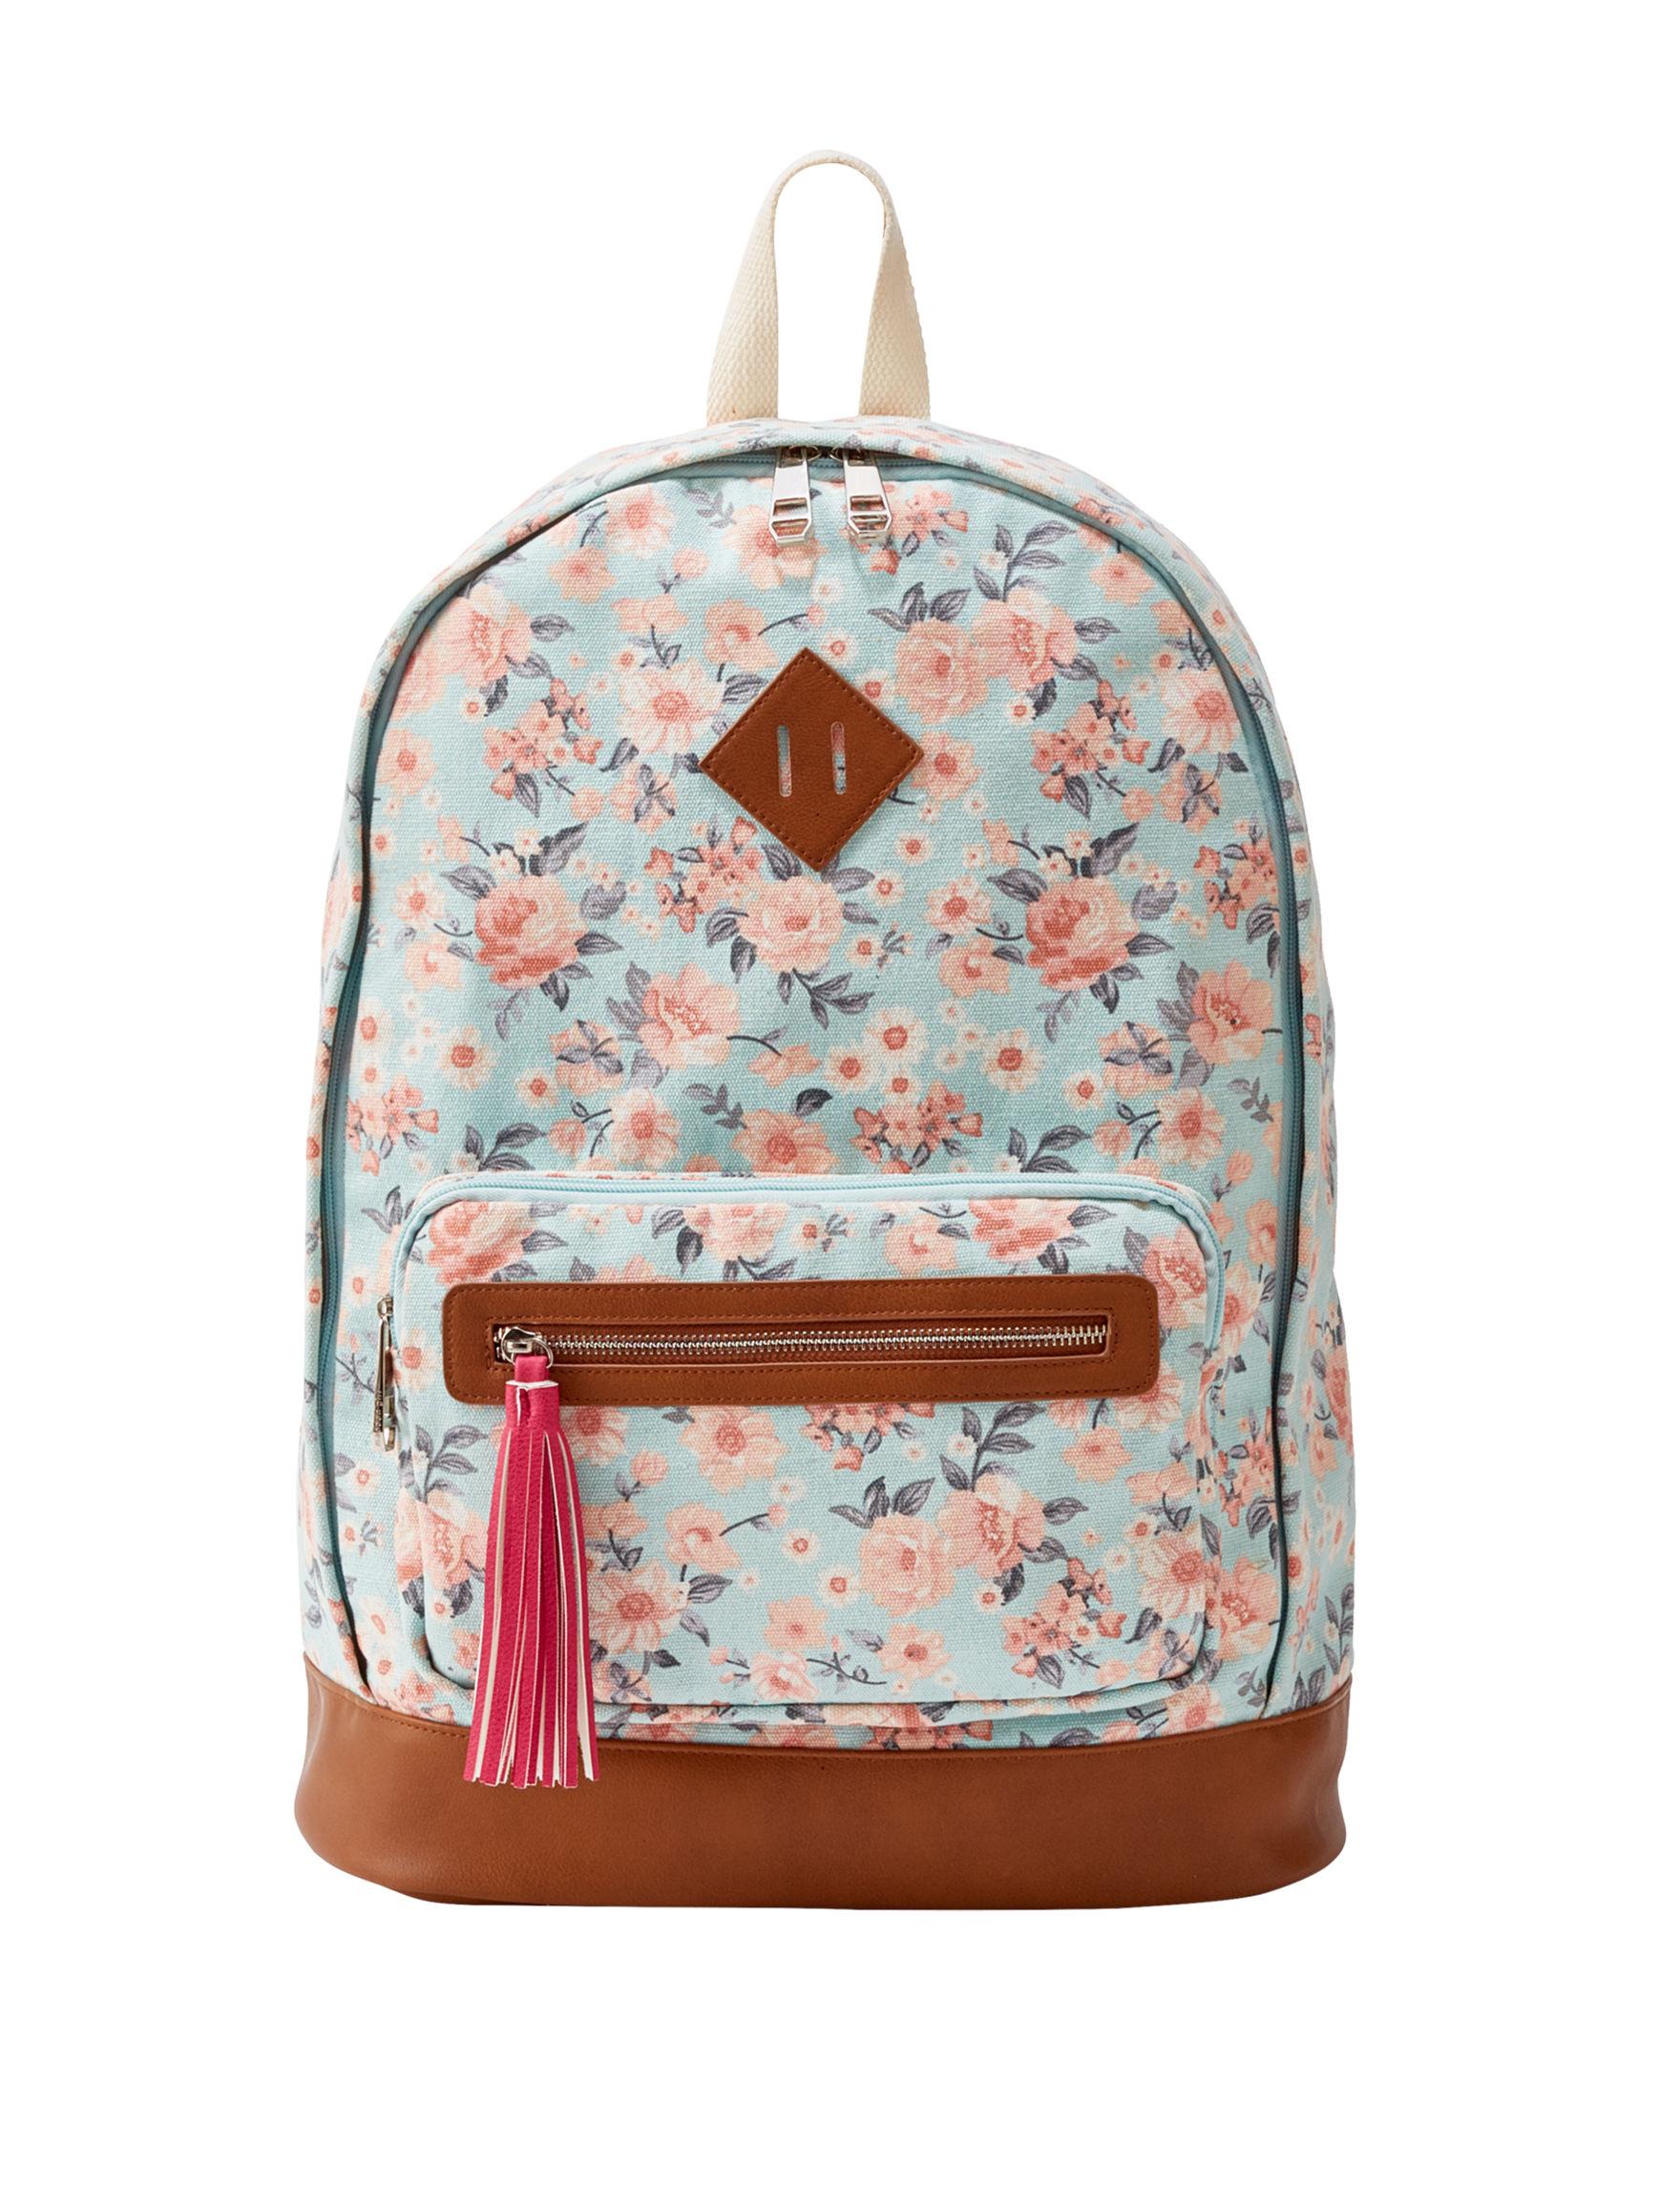 Madden Girl Mint Bookbags & Backpacks